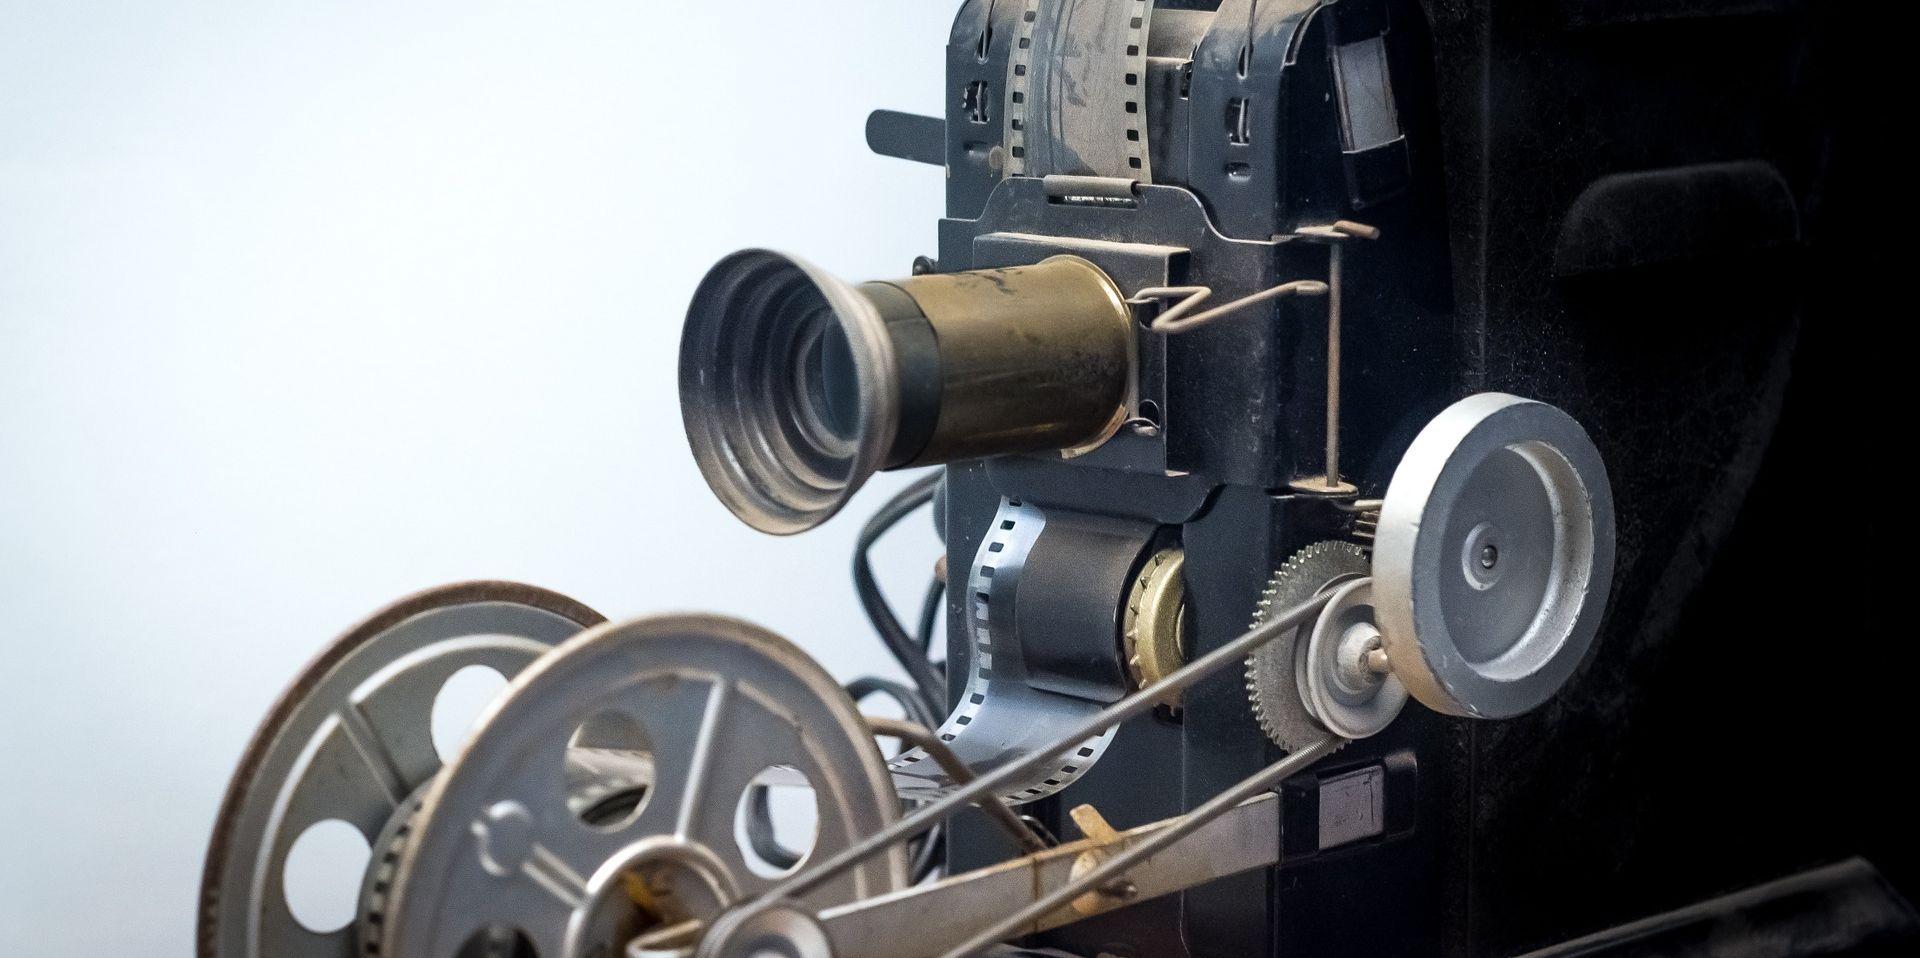 FELJTON Razbijanje mitova i tabua o uspjesima jugoslavenske kinematografije